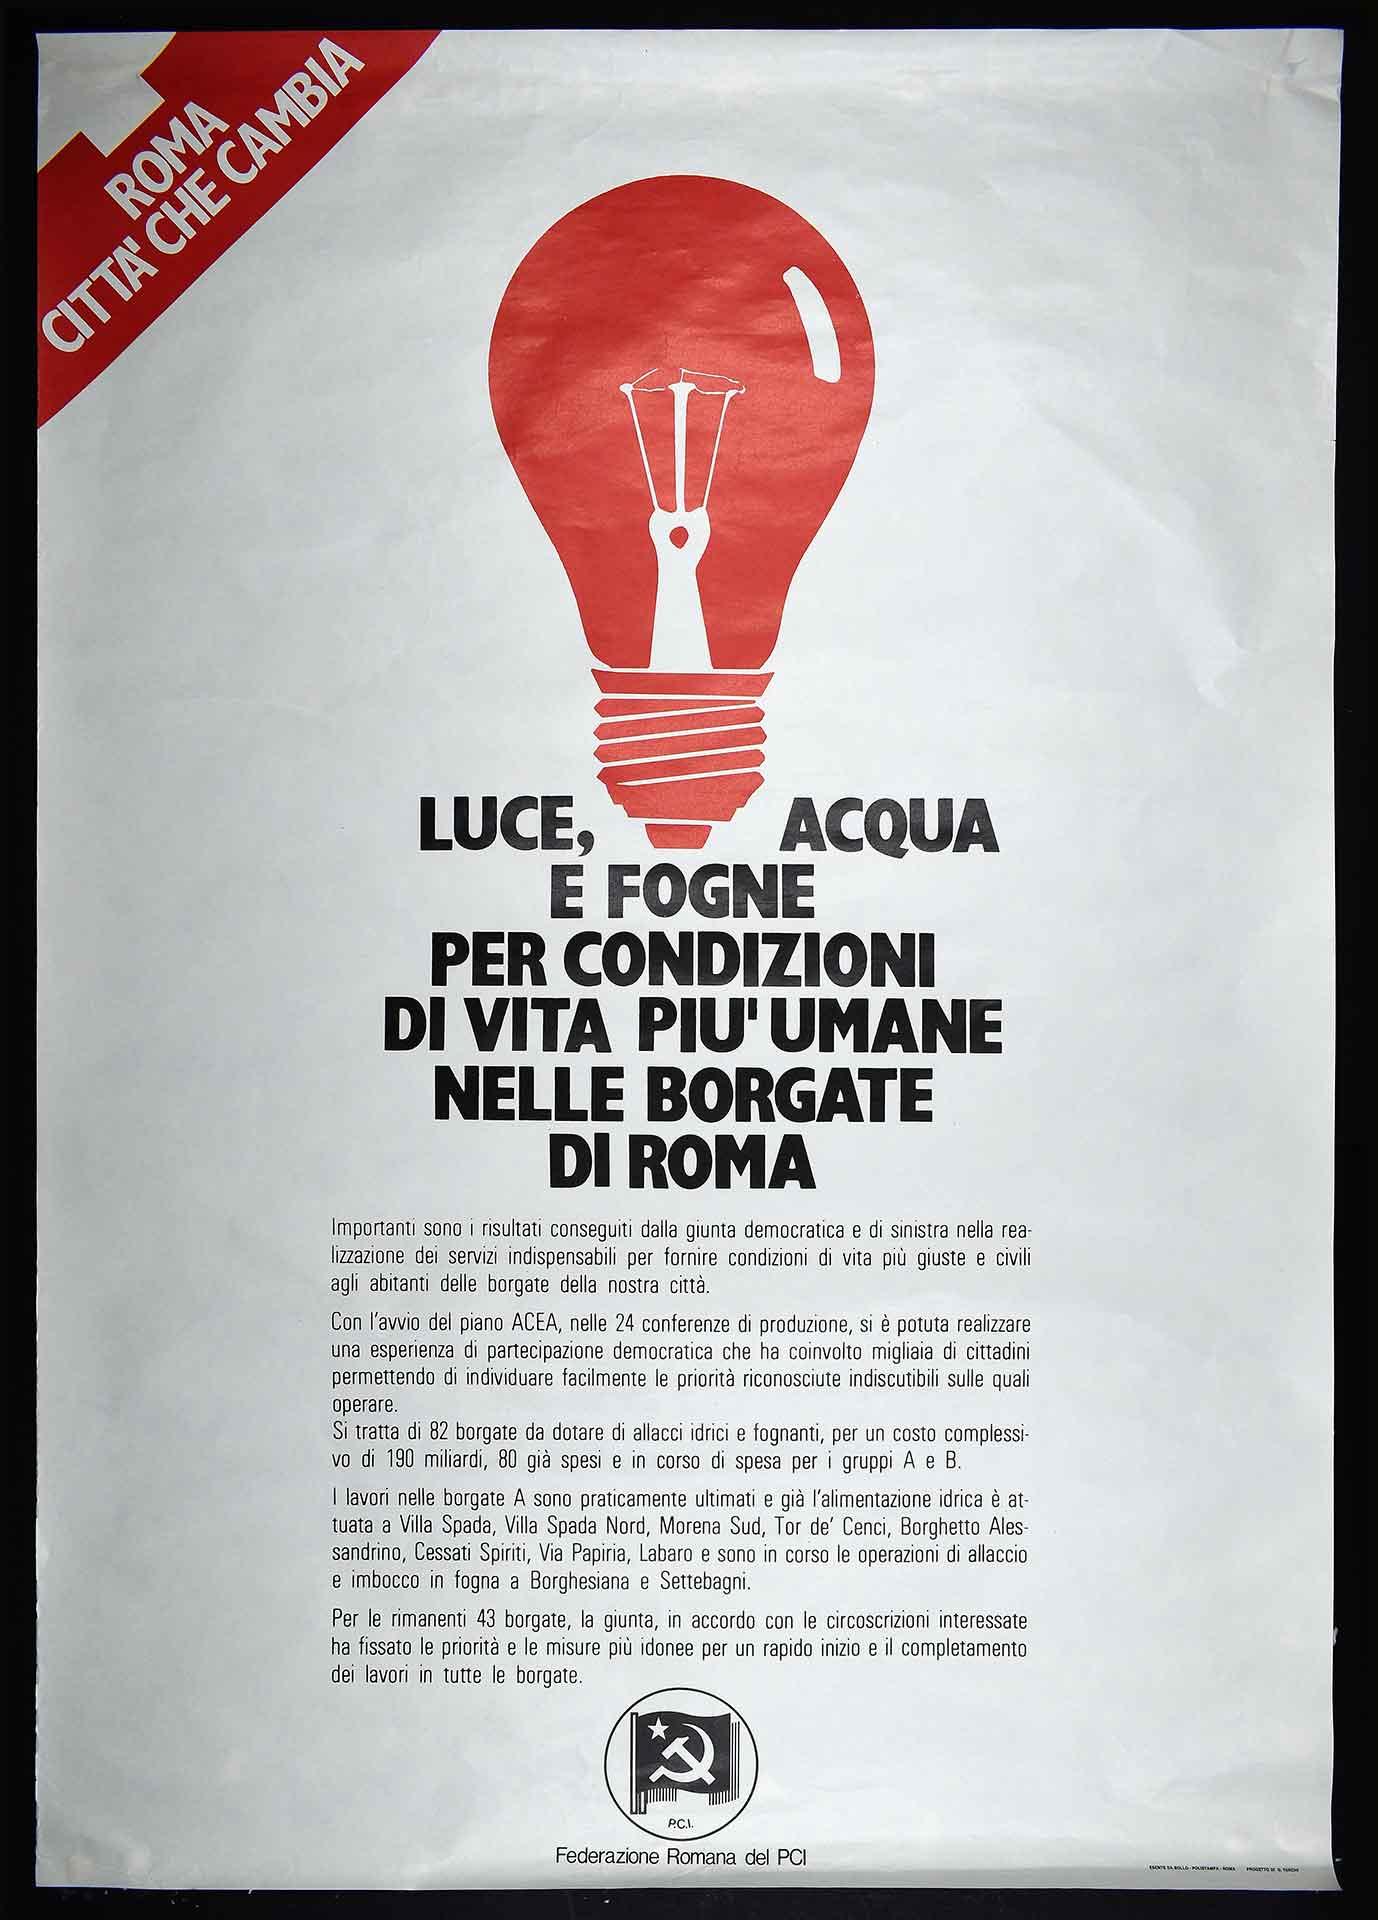 [1980-1981]. La Federazione romana del Partito comunista italiano (PCI) per la Giunta cittadina di sinistra. Stampa Polistampa, Roma. Progetto di D. Turchi. Comunicazione di partito.